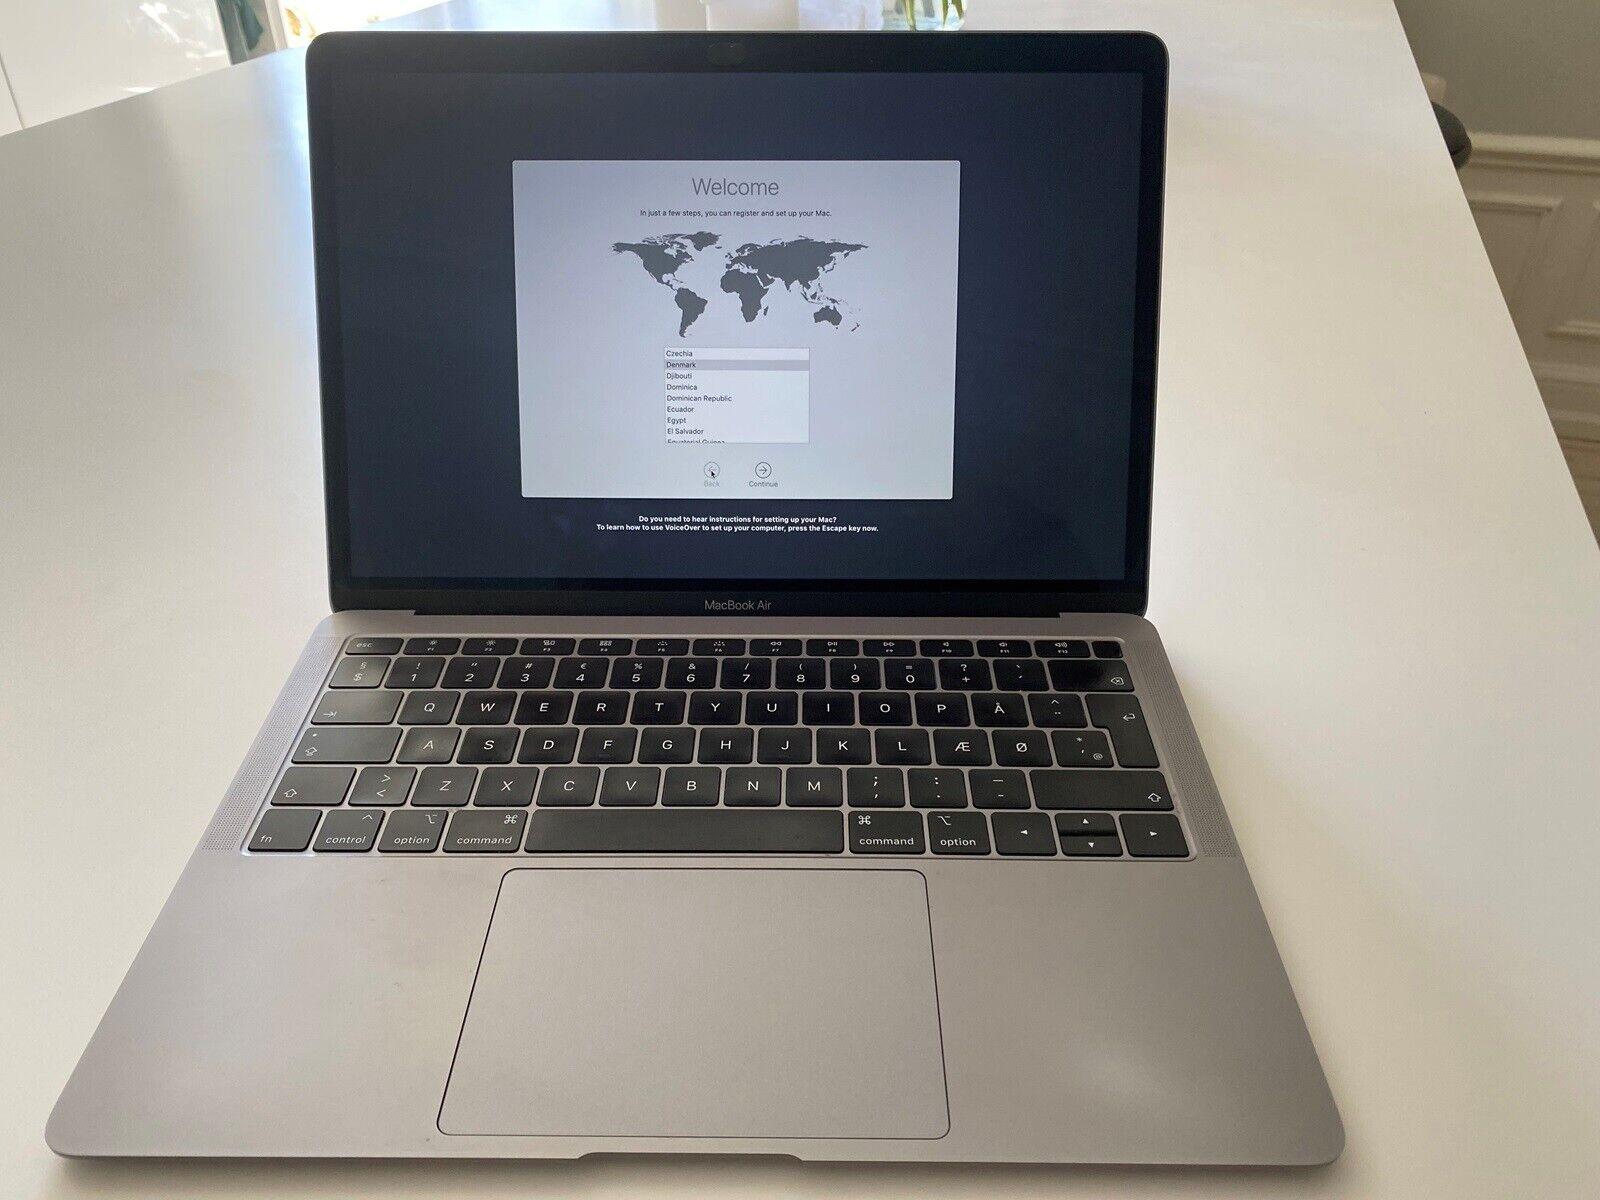 MacBook Air 2018 13